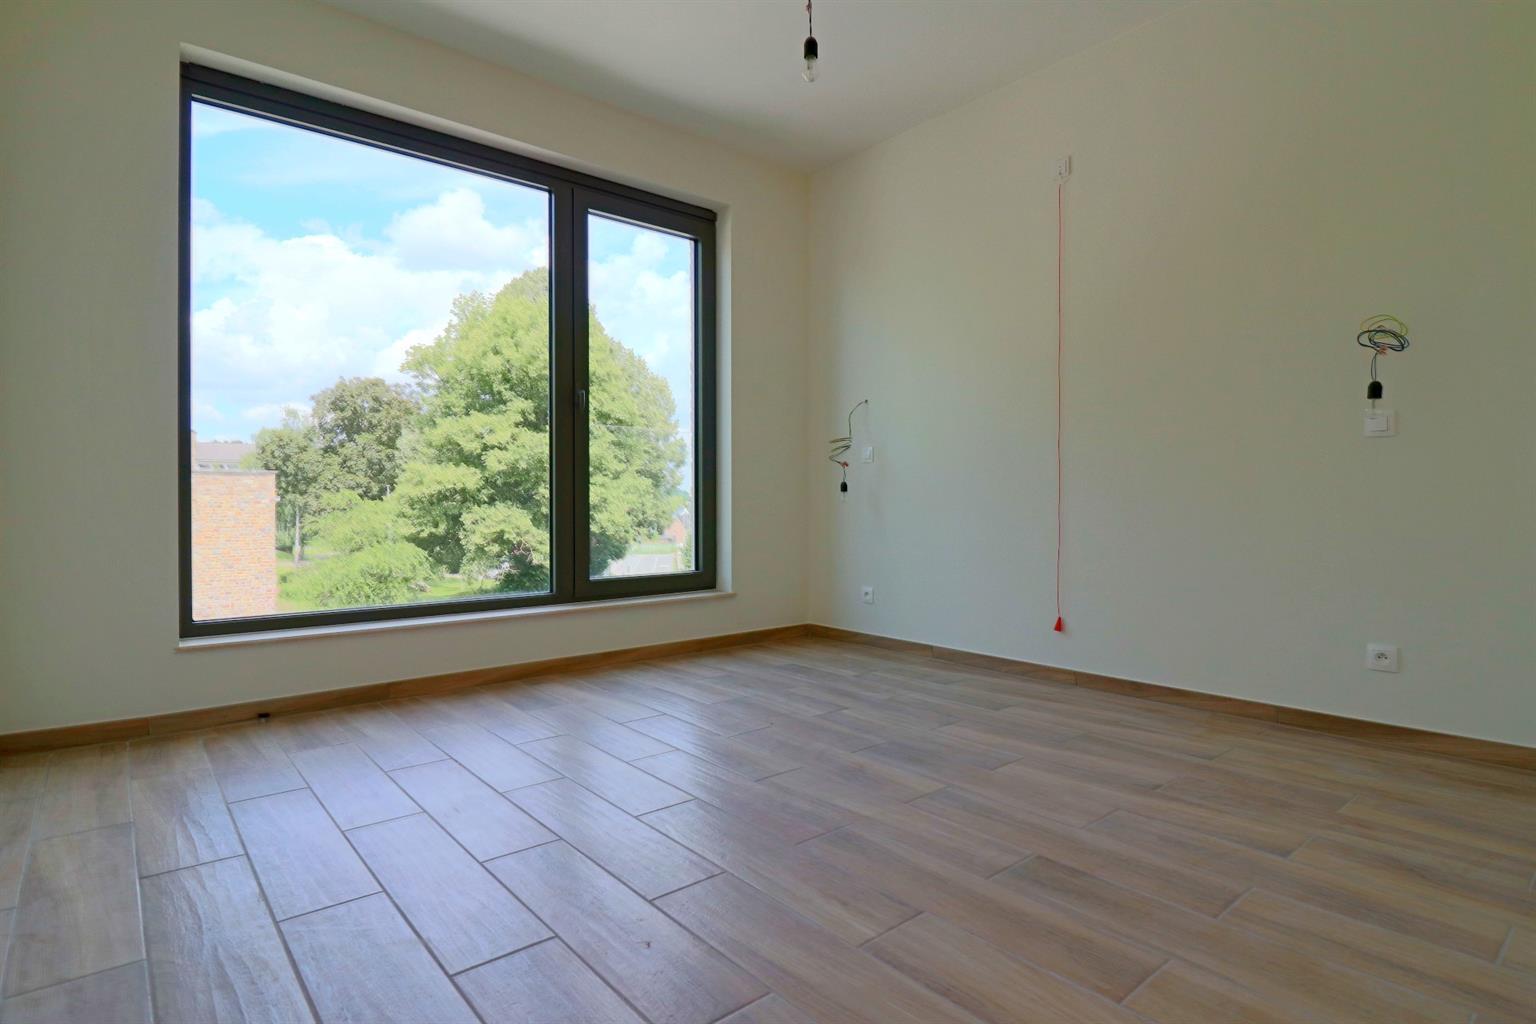 Appartement - Ottignies-Louvain-la-Neuve - #4406884-4